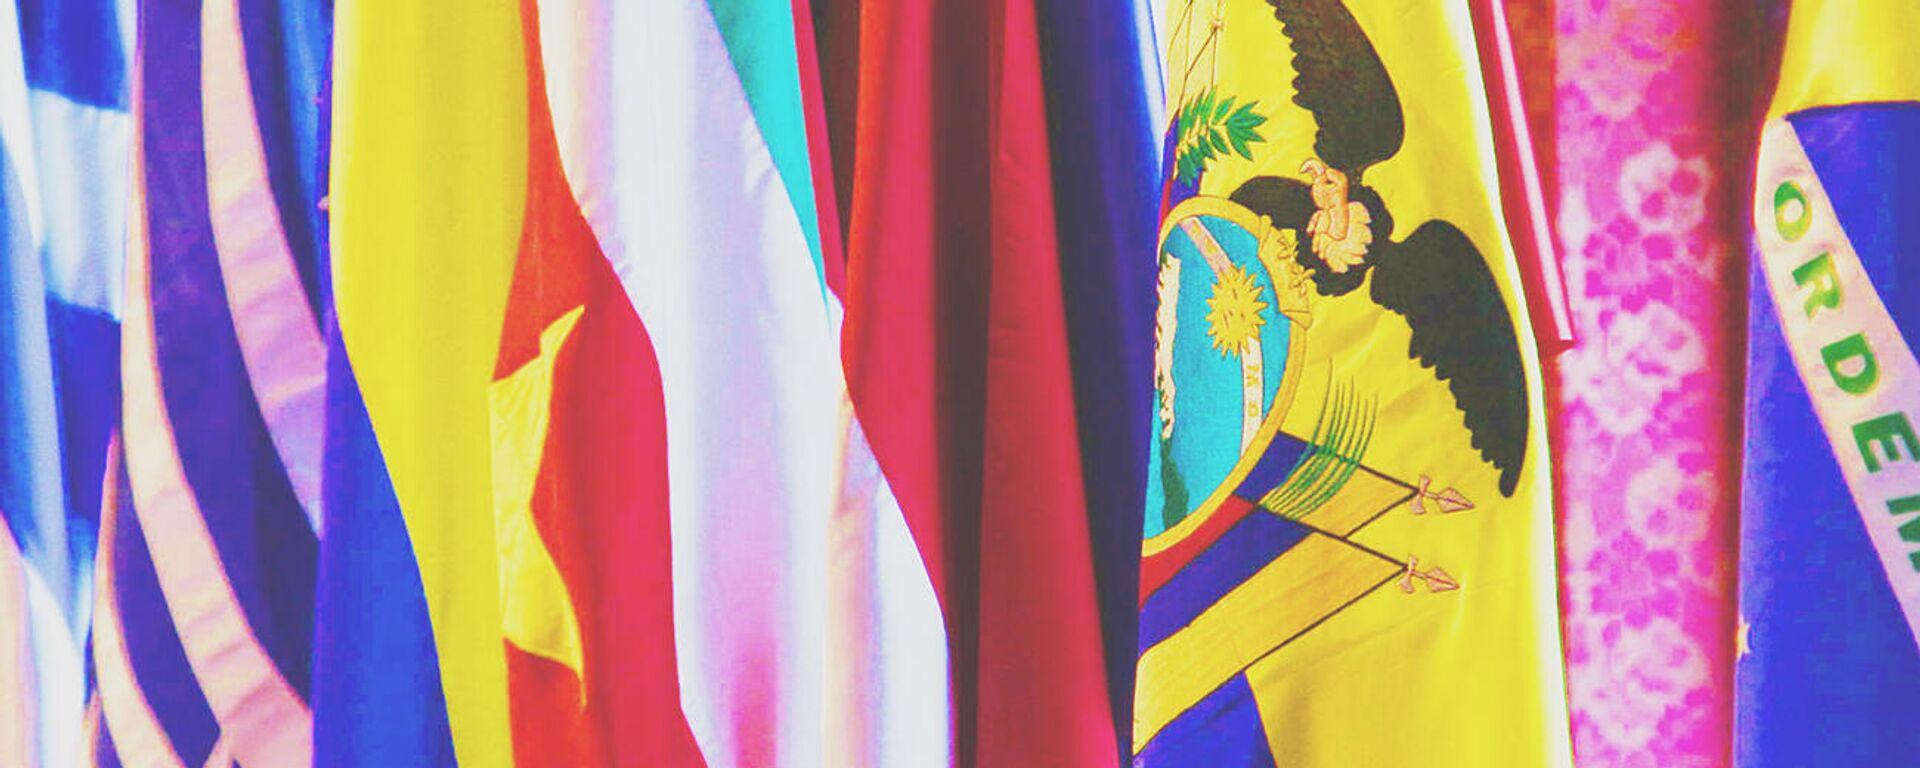 Nicaragua: Ortega homenajea al general Augusto César Sandino - Sputnik Mundo, 1920, 23.02.2021